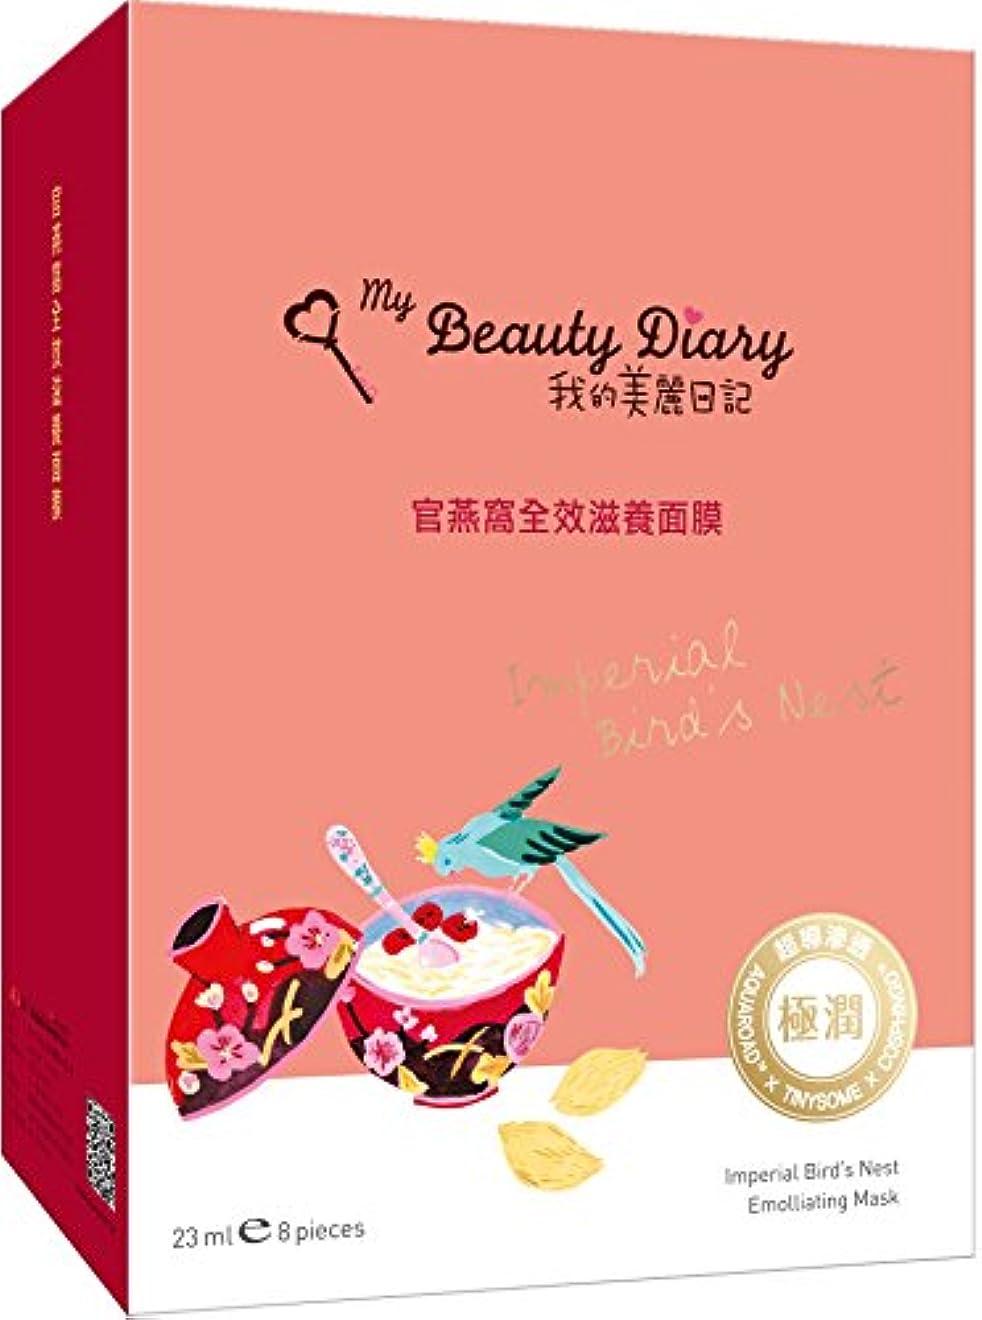 間接的一緒に優れた我的美麗日記 私のきれい日記 官ツバメの巣マスク 8枚入り [並行輸入品]